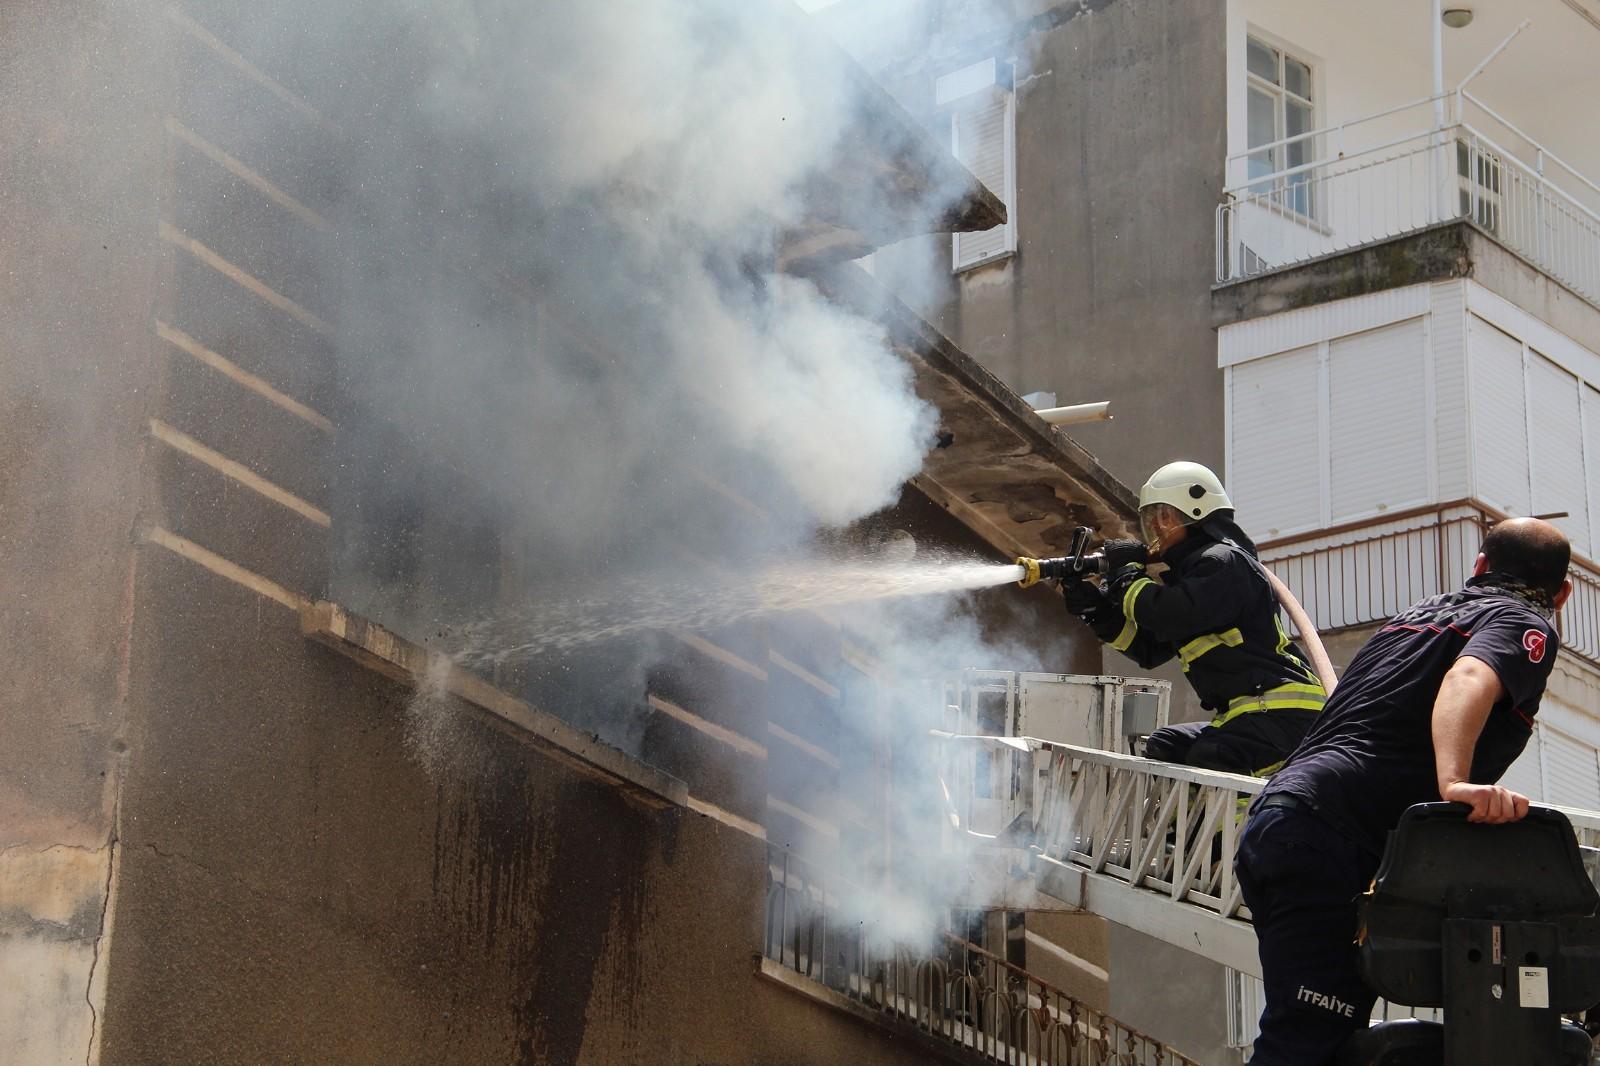 Antalya'da iki katlı metruk binada bir hafta içinde 3 kez yangın çıktı